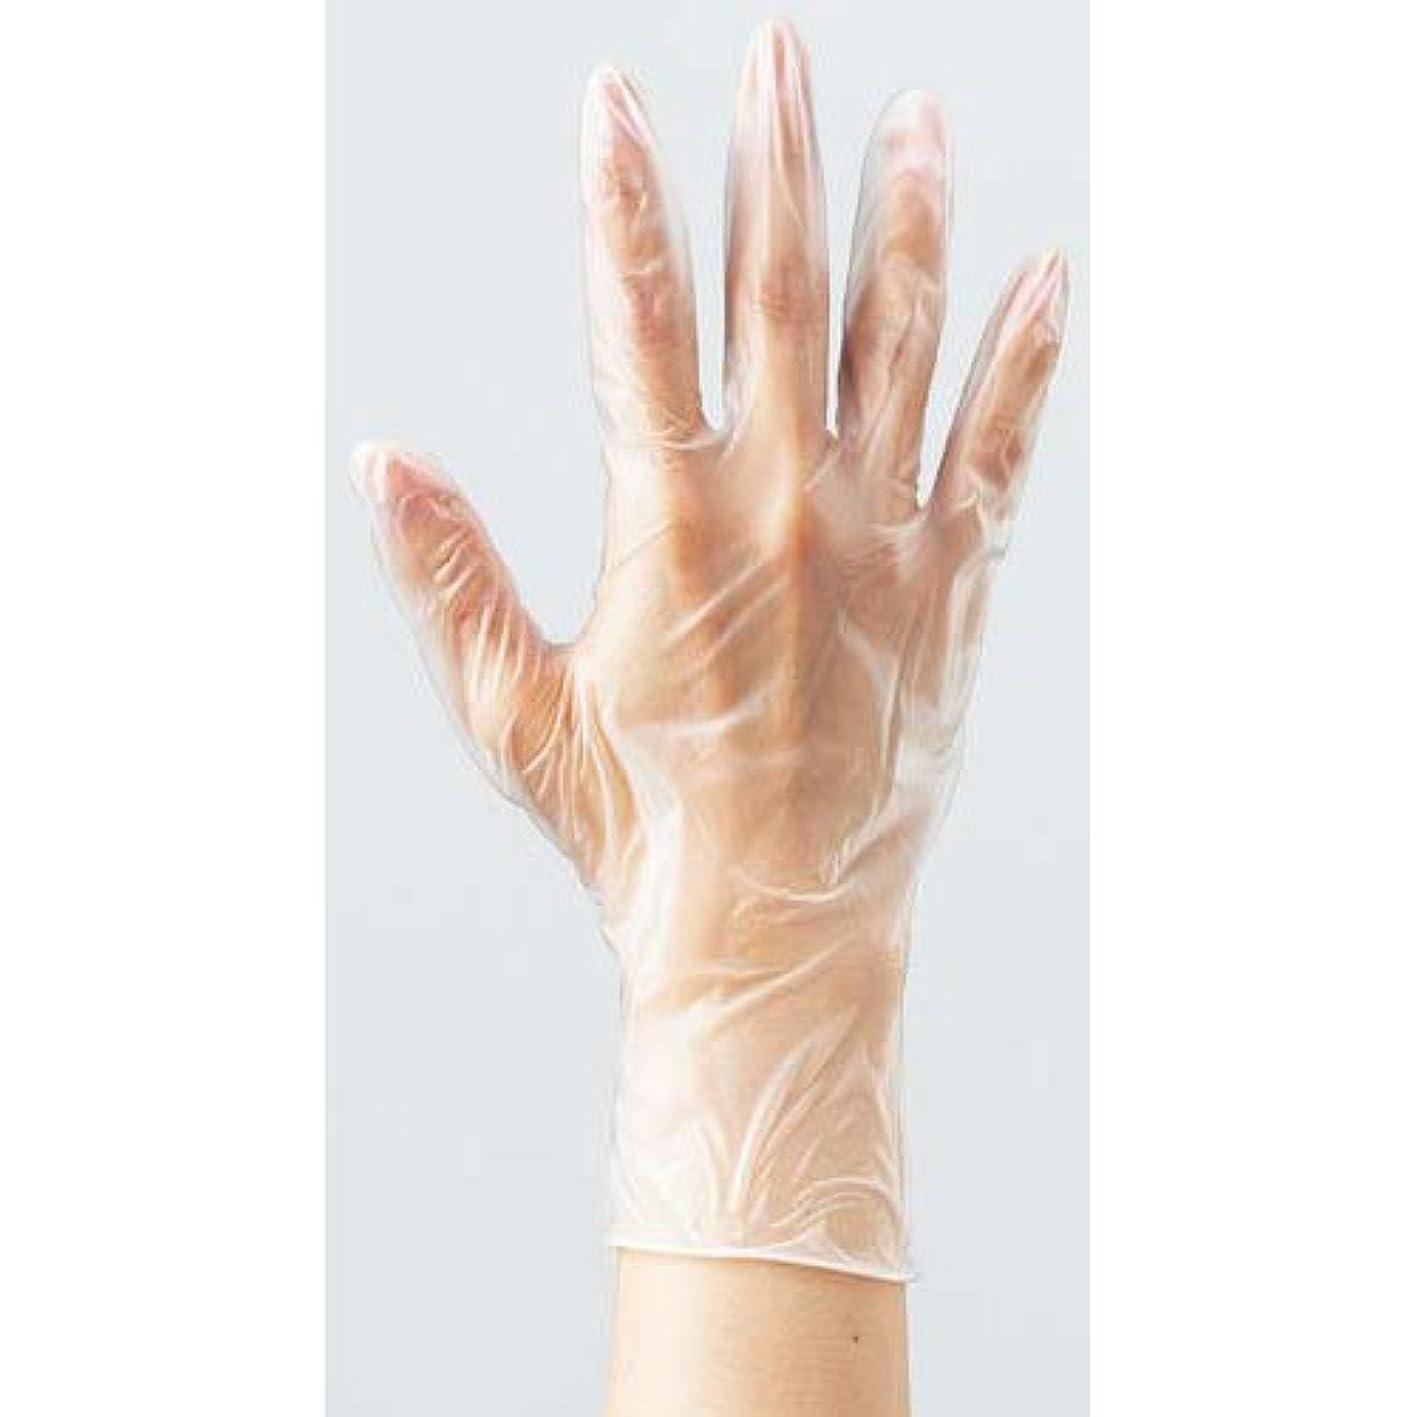 膨らませる特派員楽観的カウネット プラスチック手袋 袋入 粉無L 100枚